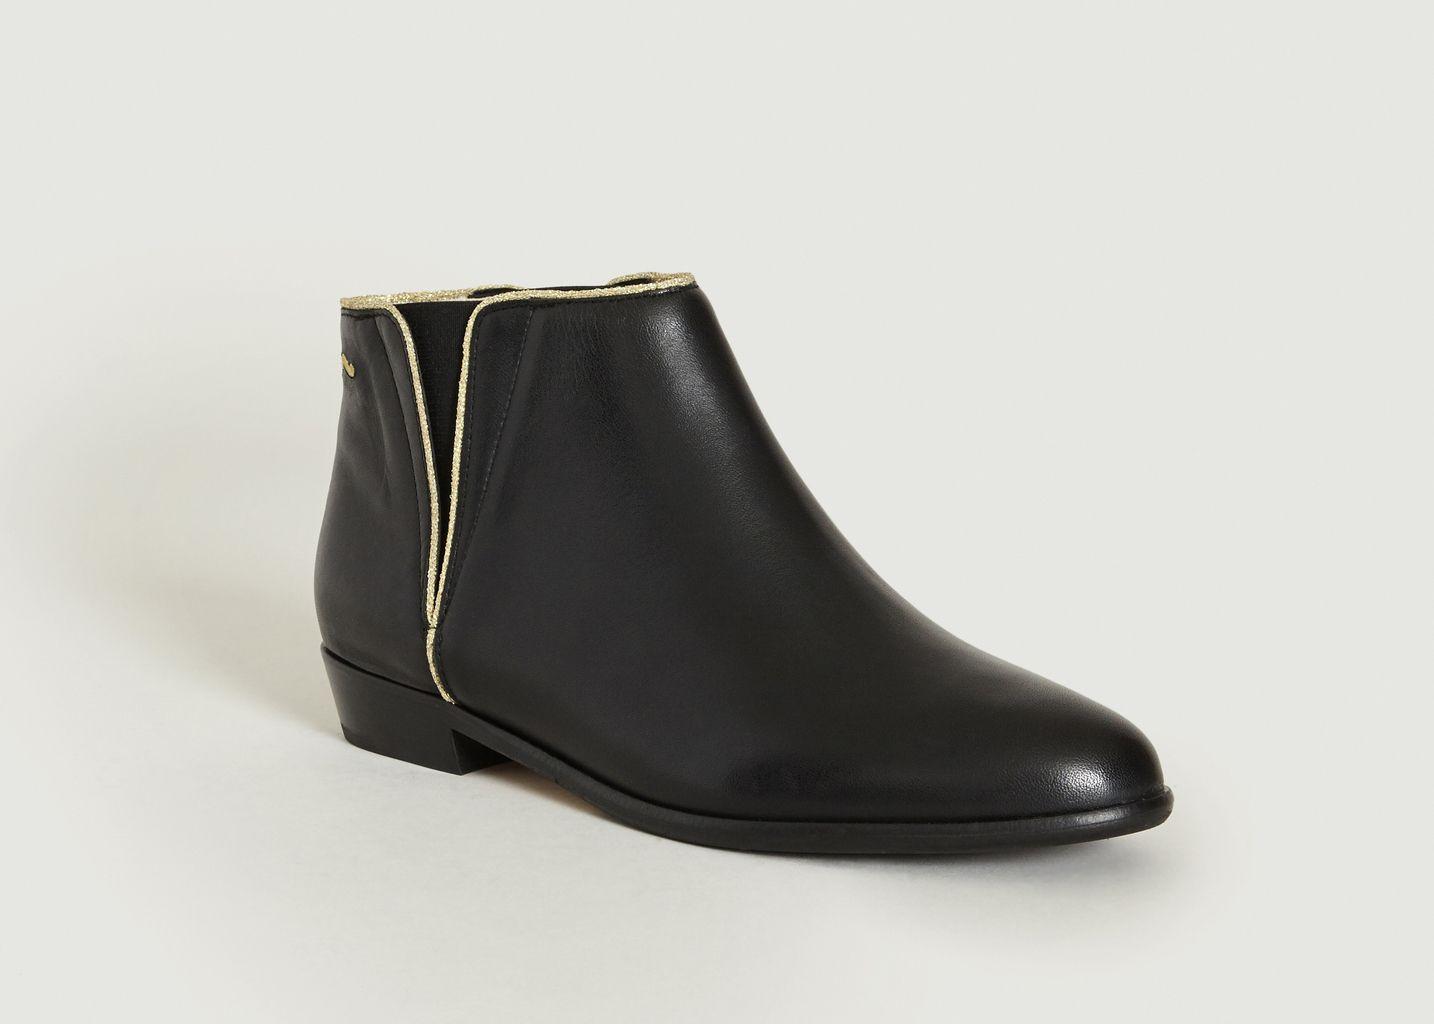 957097e52fe Chelsea Boots Jeanne Noir Monsieur Moustache